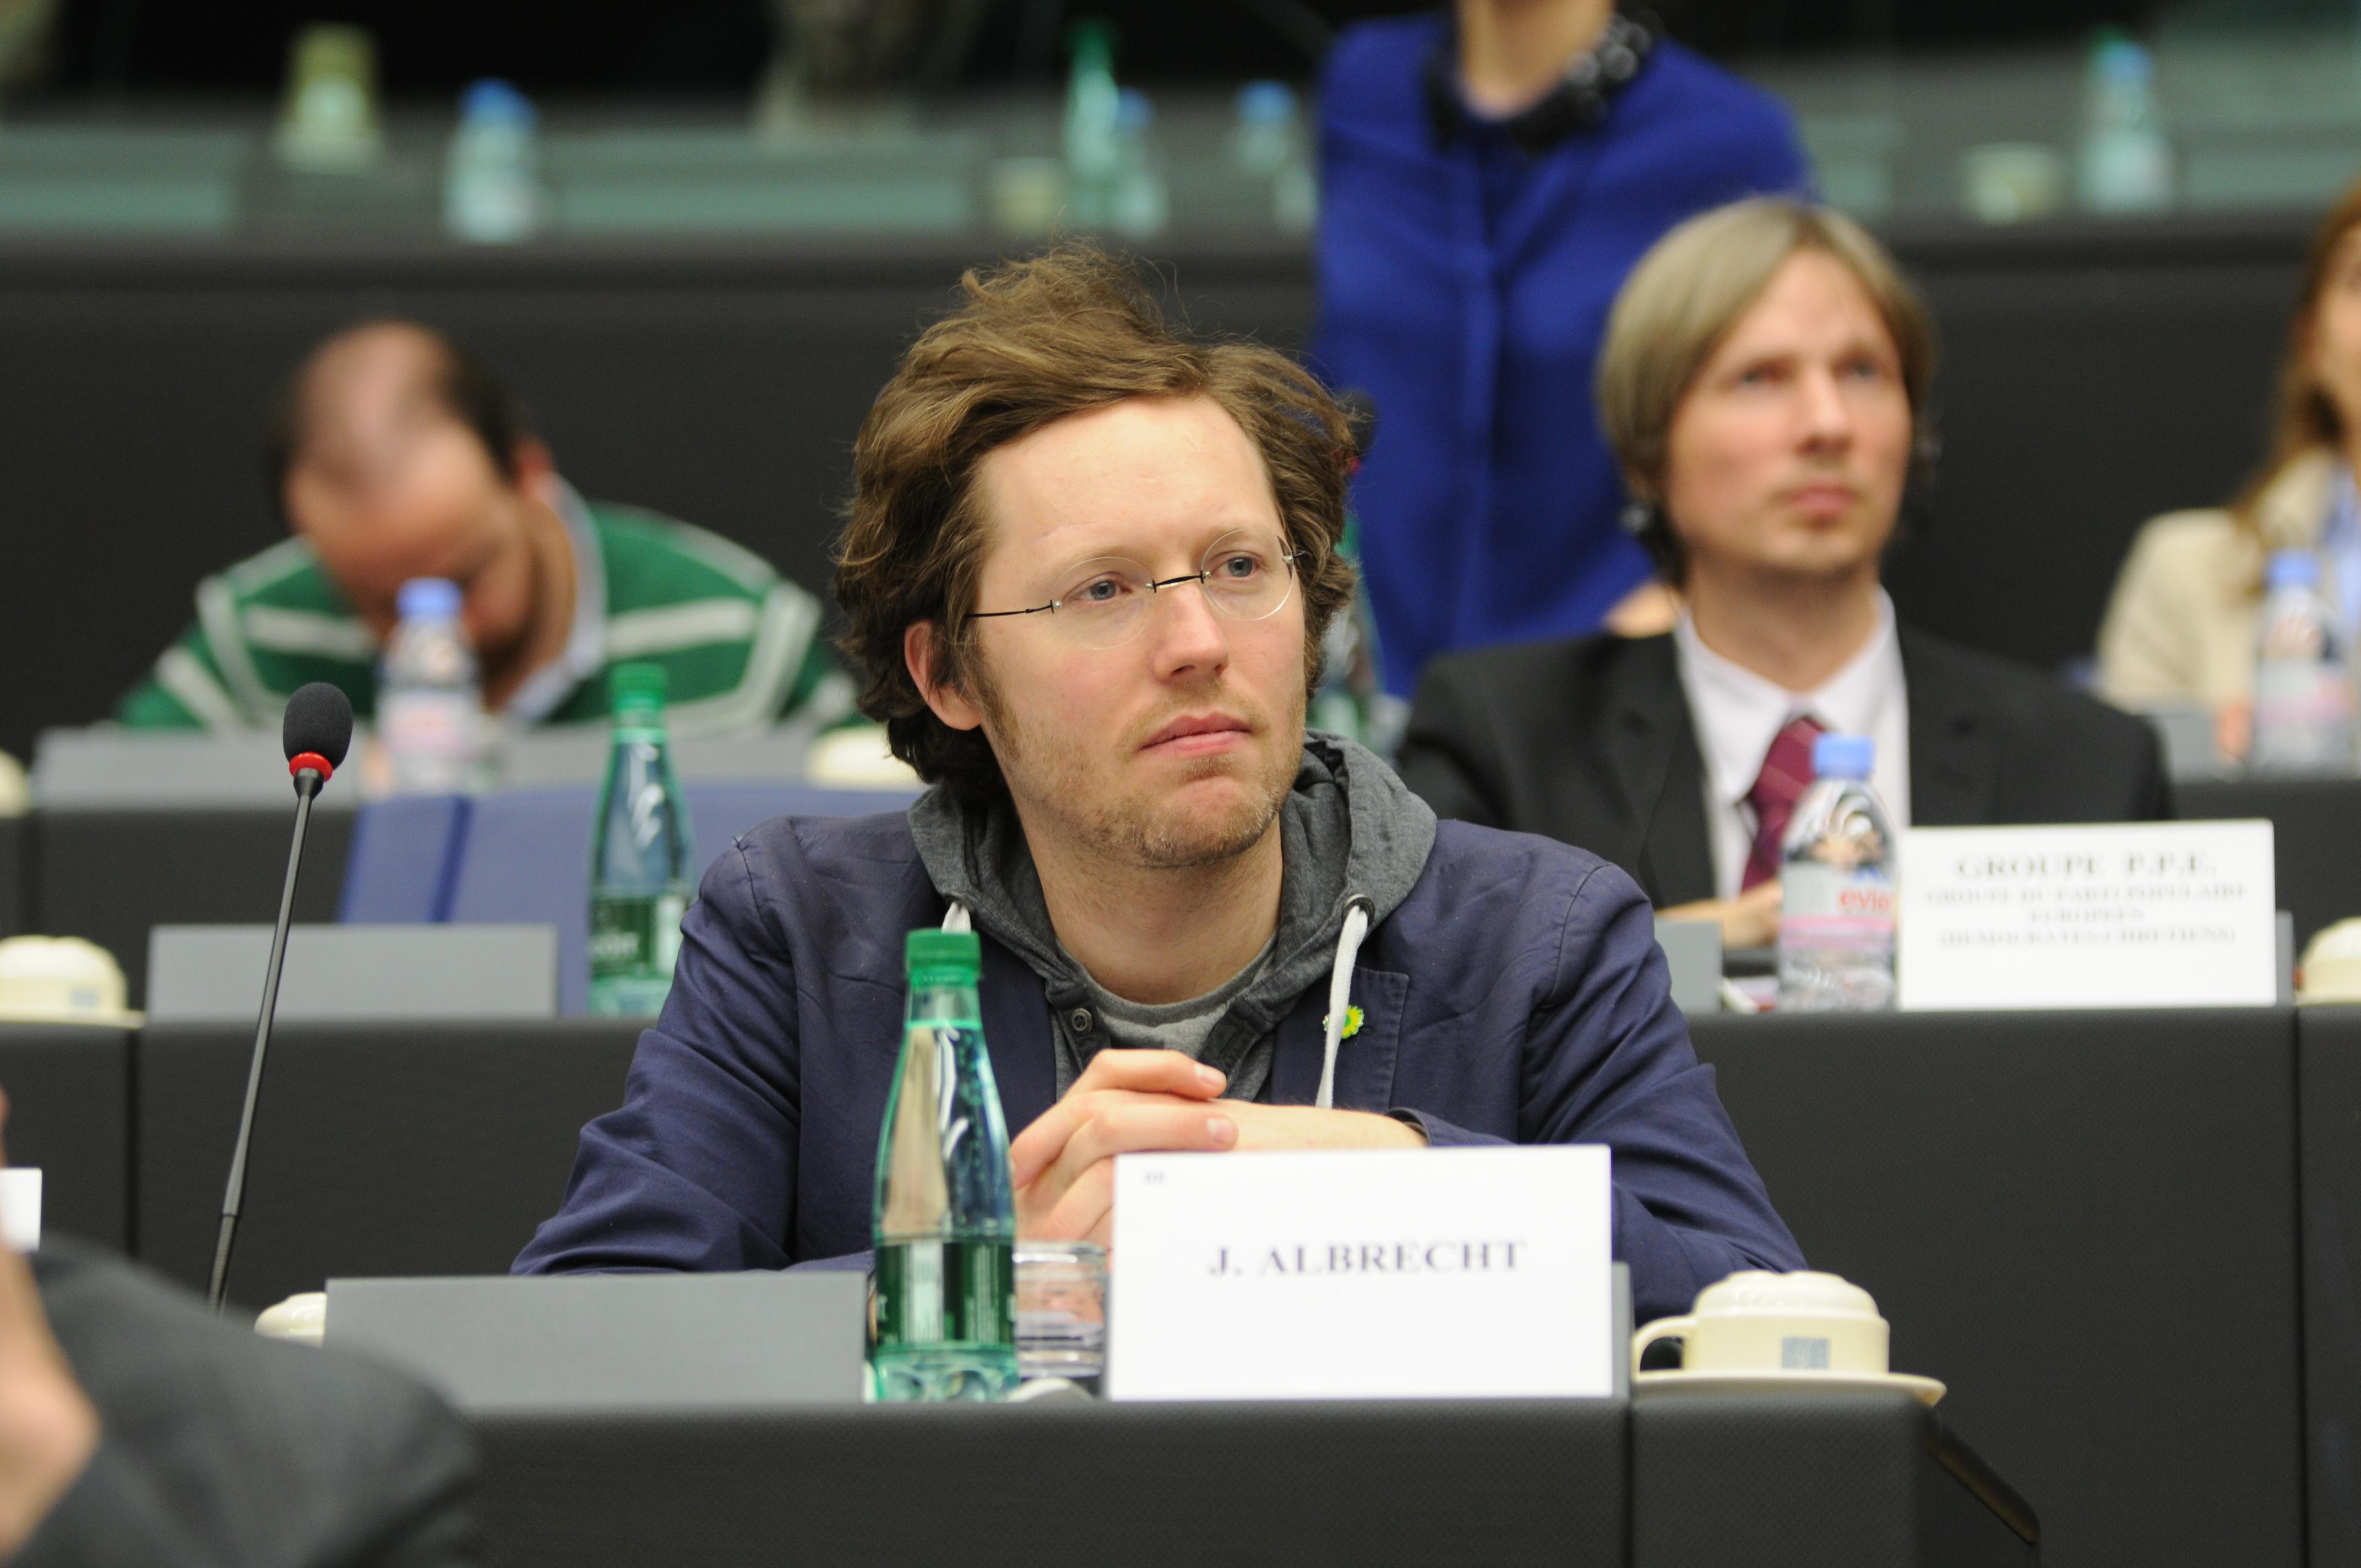 Der Grünen-Europaabgeordnete Jan Philipp Albrecht sitzt am 10.März 2014 in einem Raum des Europaparlaments inStraßburg und hört einer Debatte im Innenausschuss LIBE zu. Der Deutsche ist Berichterstatter des Parlaments zur Datenschutz-Grundverordnung.Foto:Wolf von Dewitz, dpa. |